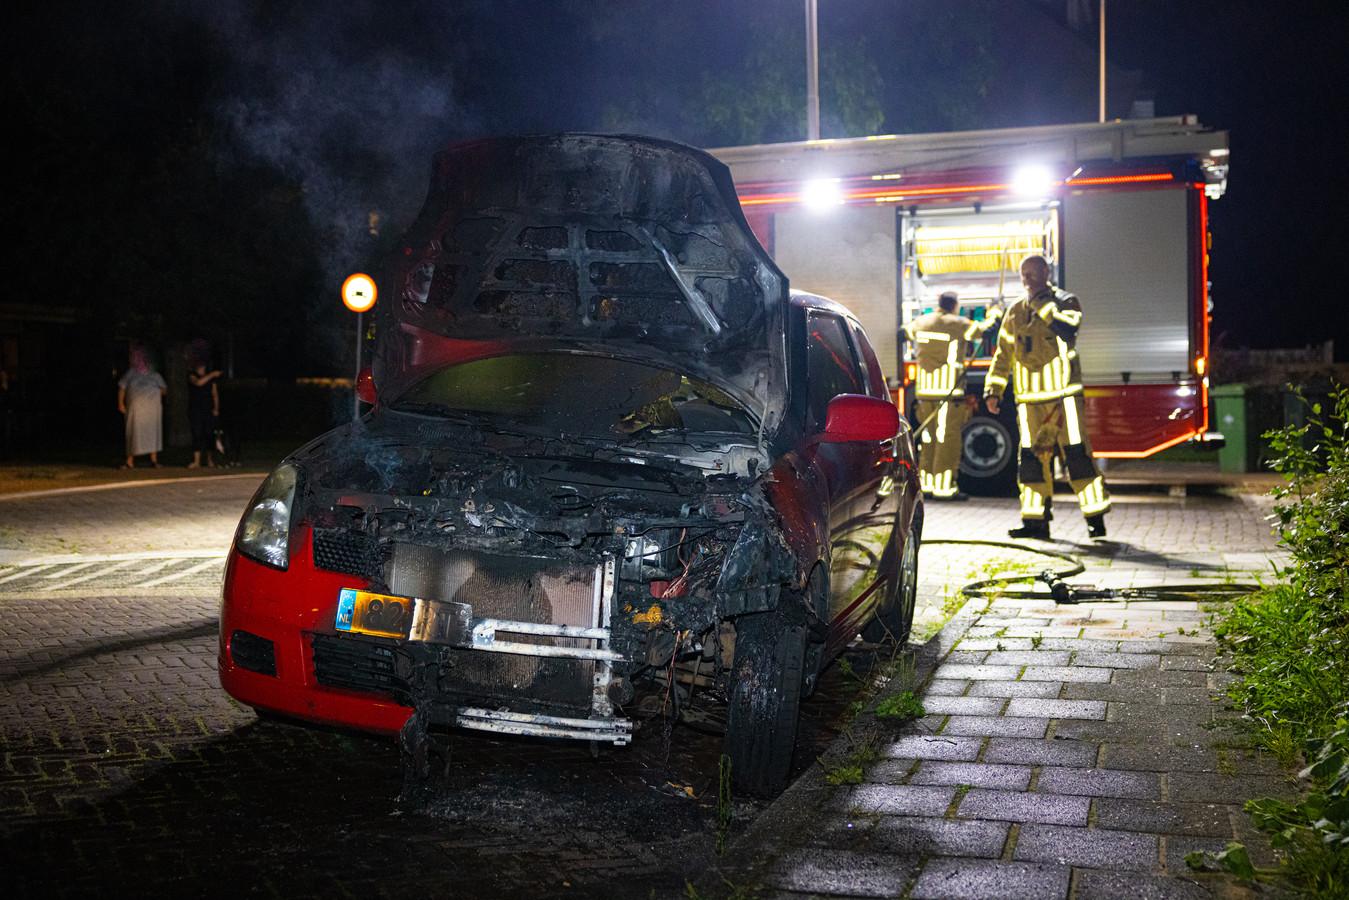 De linkervoorkant van de auto stond gisteravond in brand in de Zwolse Isaac van Hoornbeekstraat.